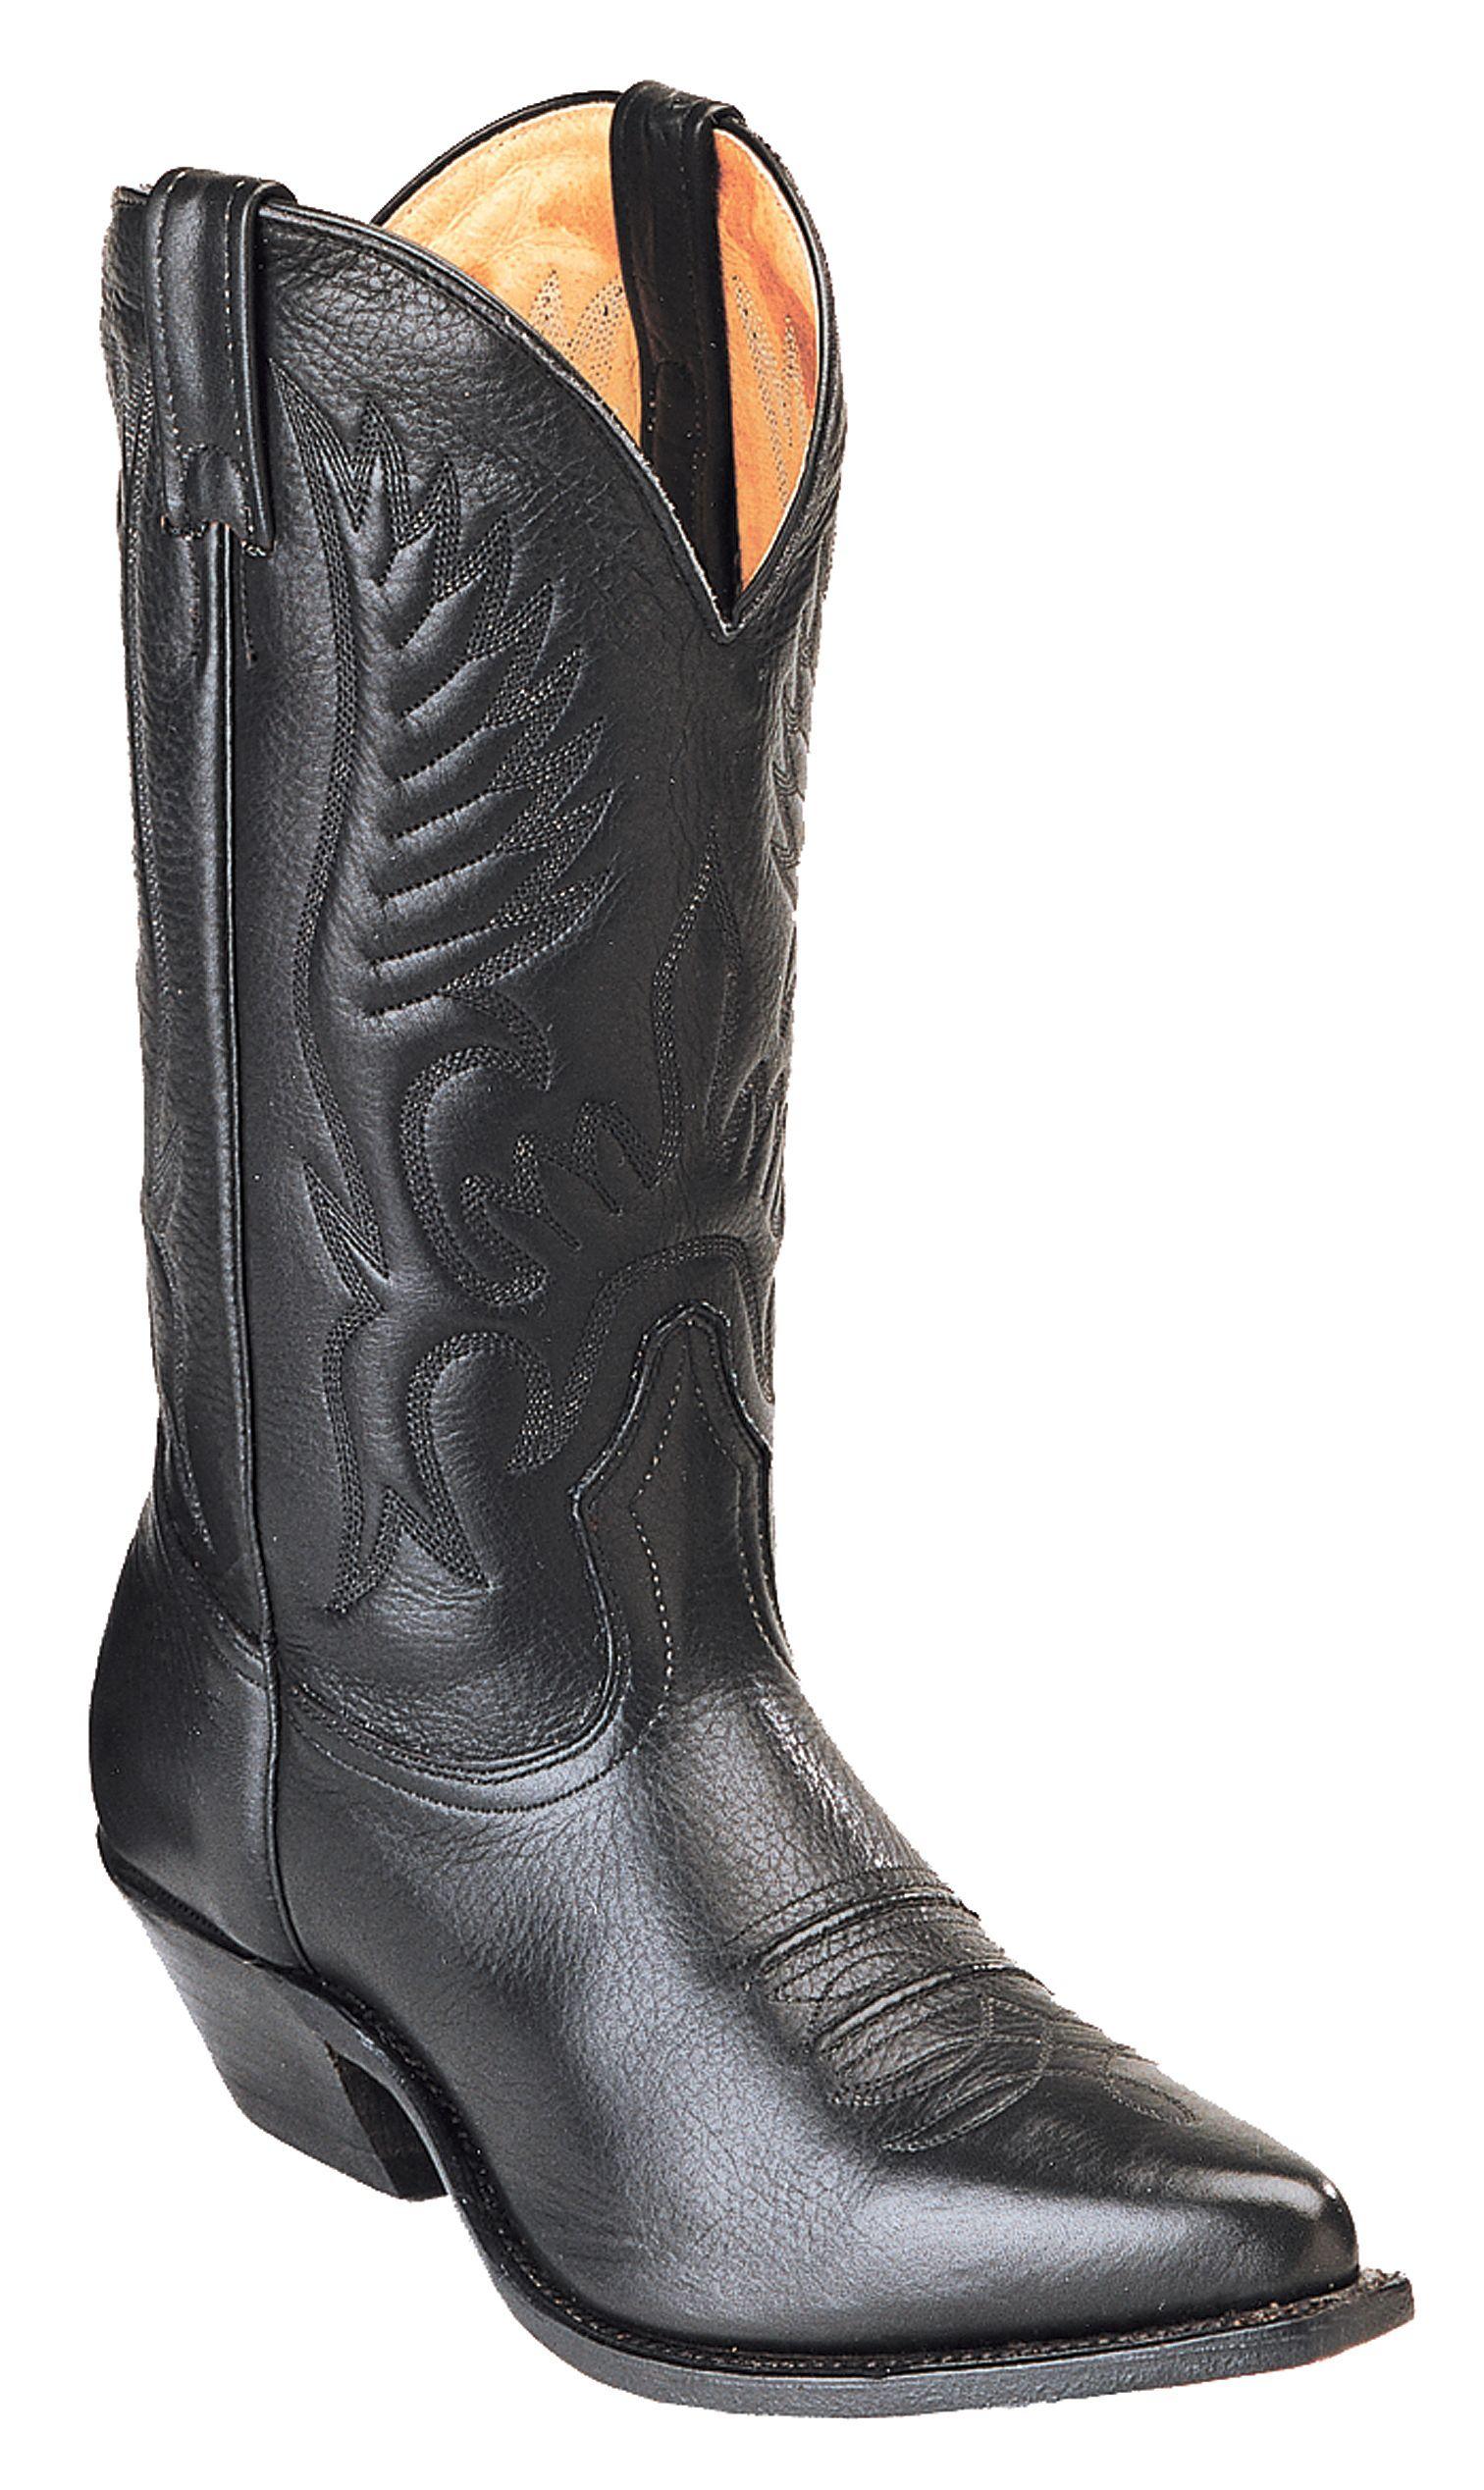 Boulet Fancy Stitched Cowboy Boots